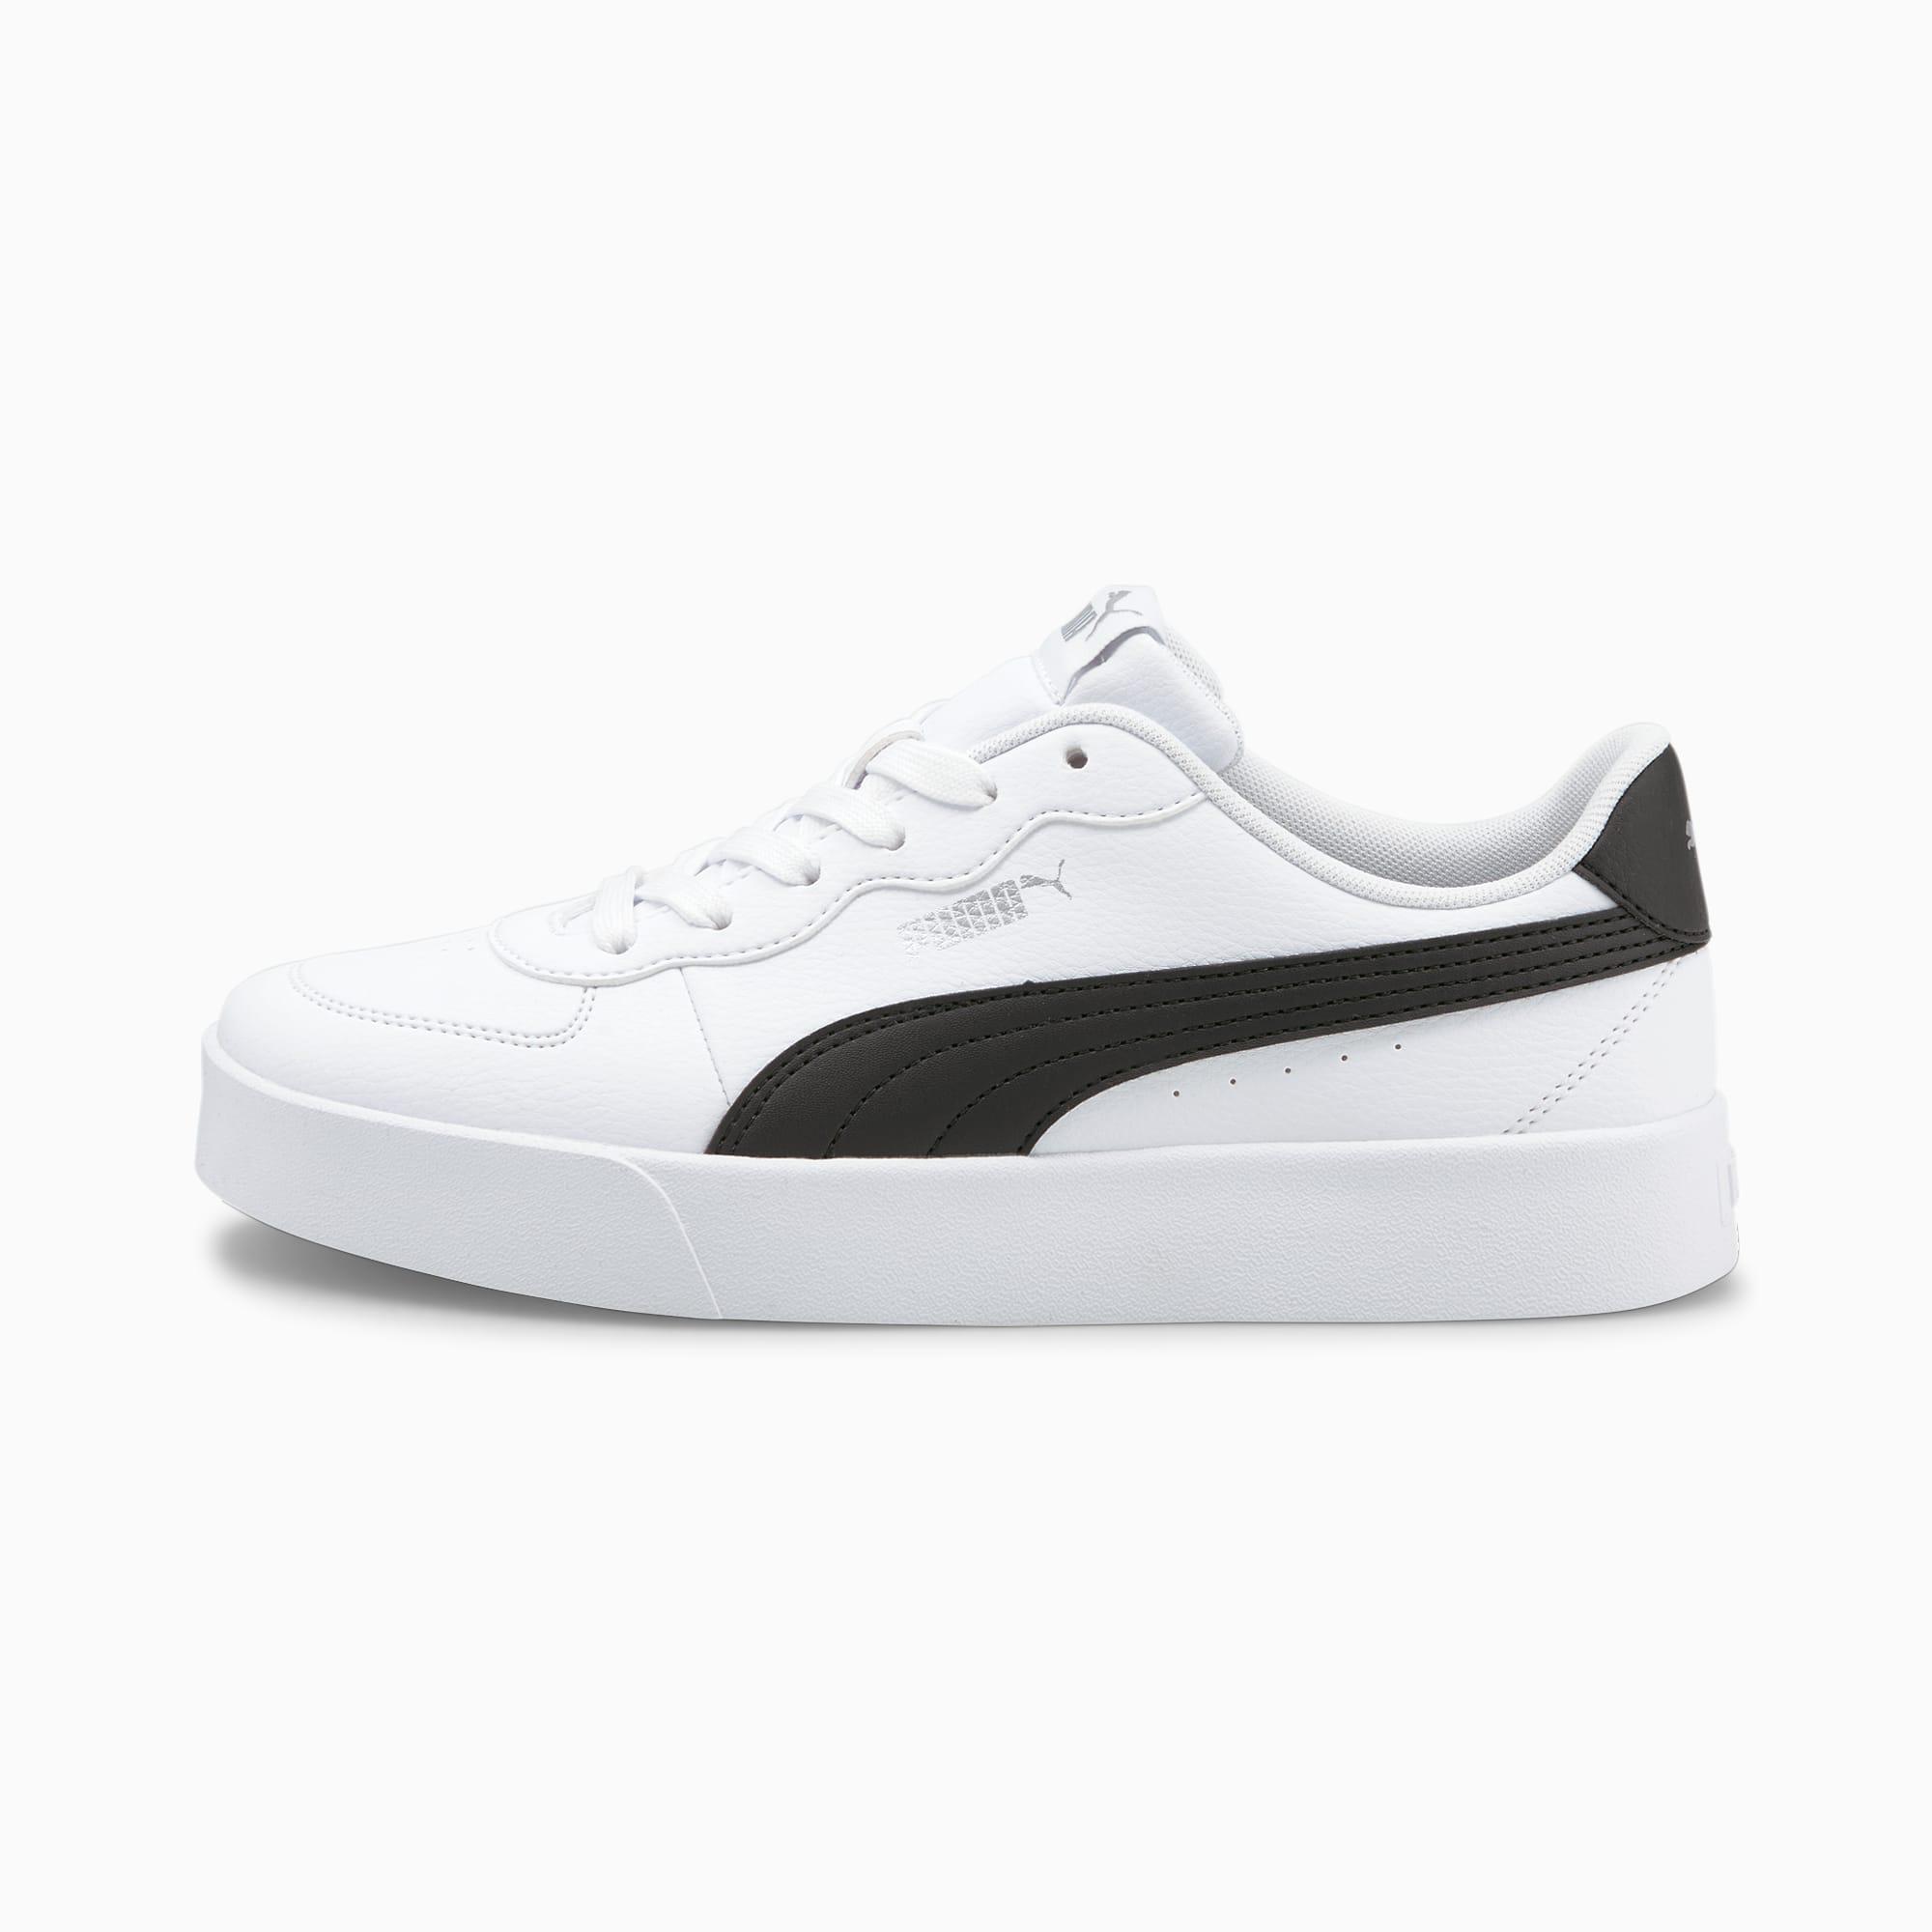 Skye Clean sneakers dames, Wit/Zwart, Maat 40 | PUMA